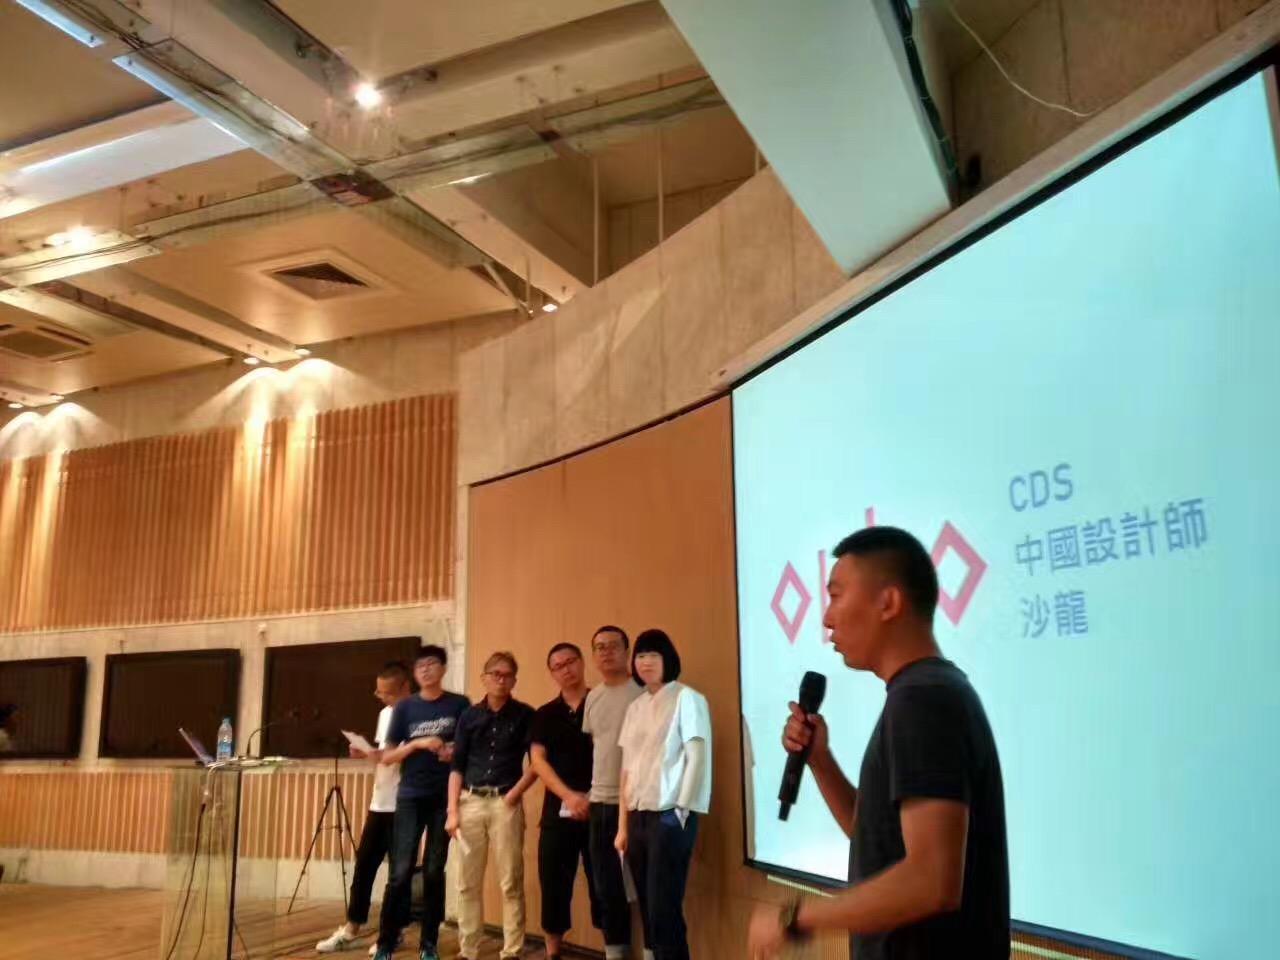 欢策品牌策划与全国设计师共聚cds中国设计师沙龙